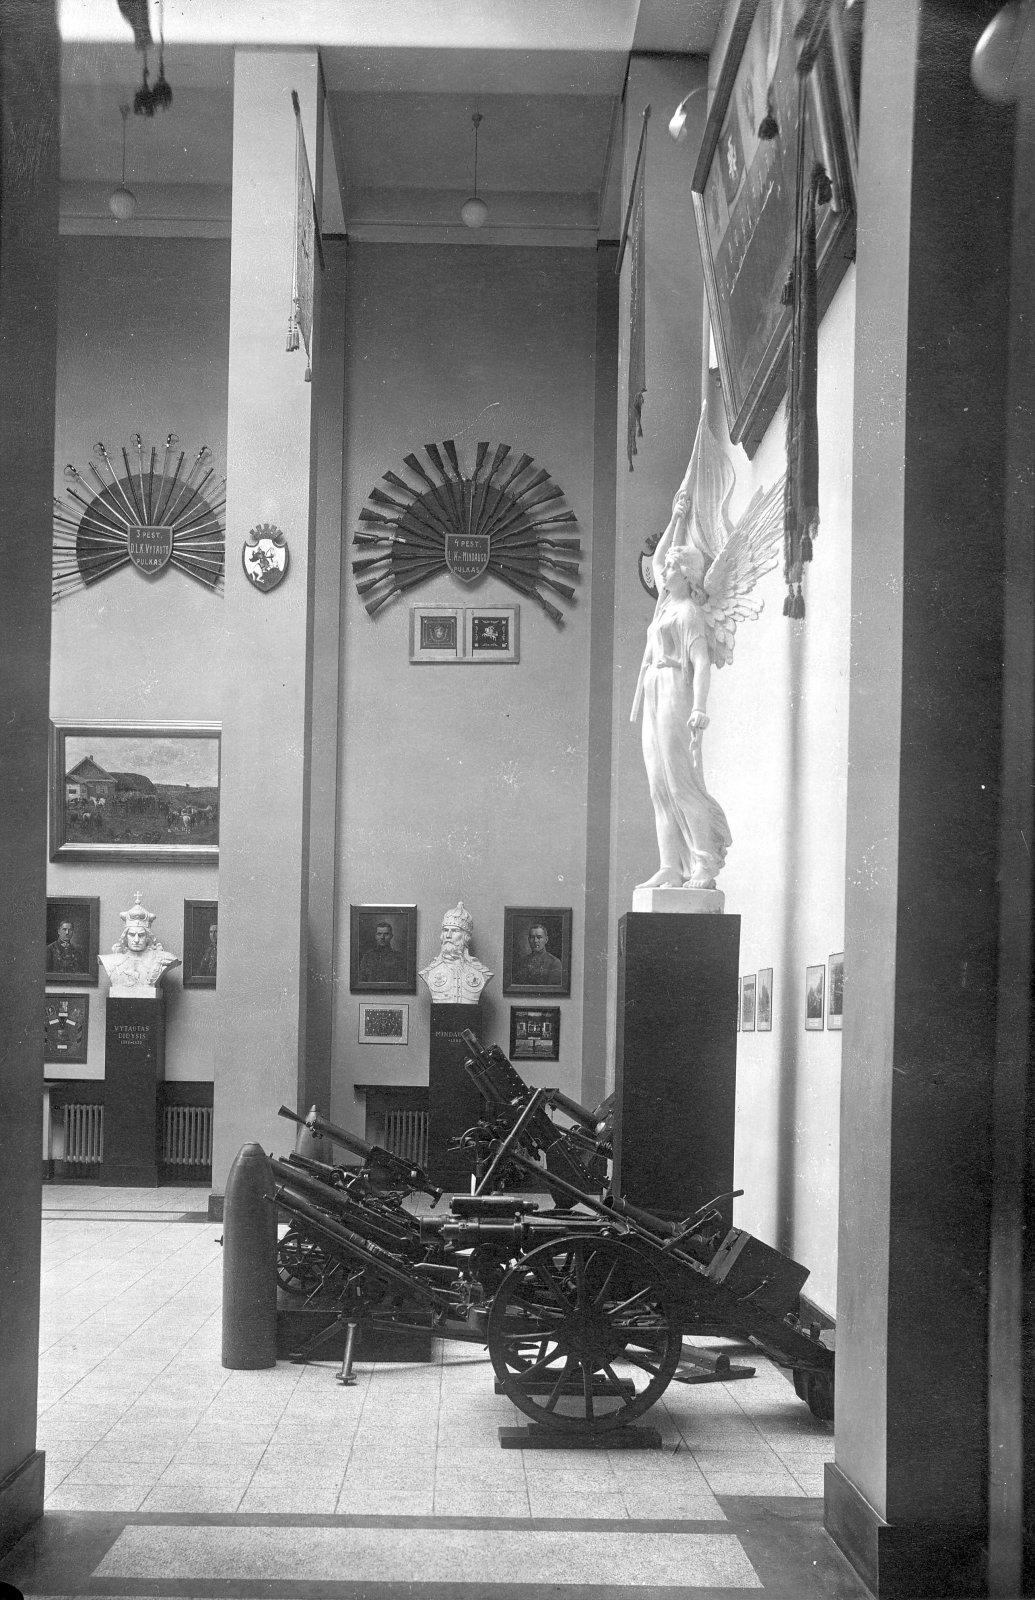 6 il. Vytauto Didžiojo karo muziejaus Didžiosios salės dalis. 1937 m. Fotografas J. Timukas. Vytauto Didžiojo karo muziejaus nuosavybė, N – 617